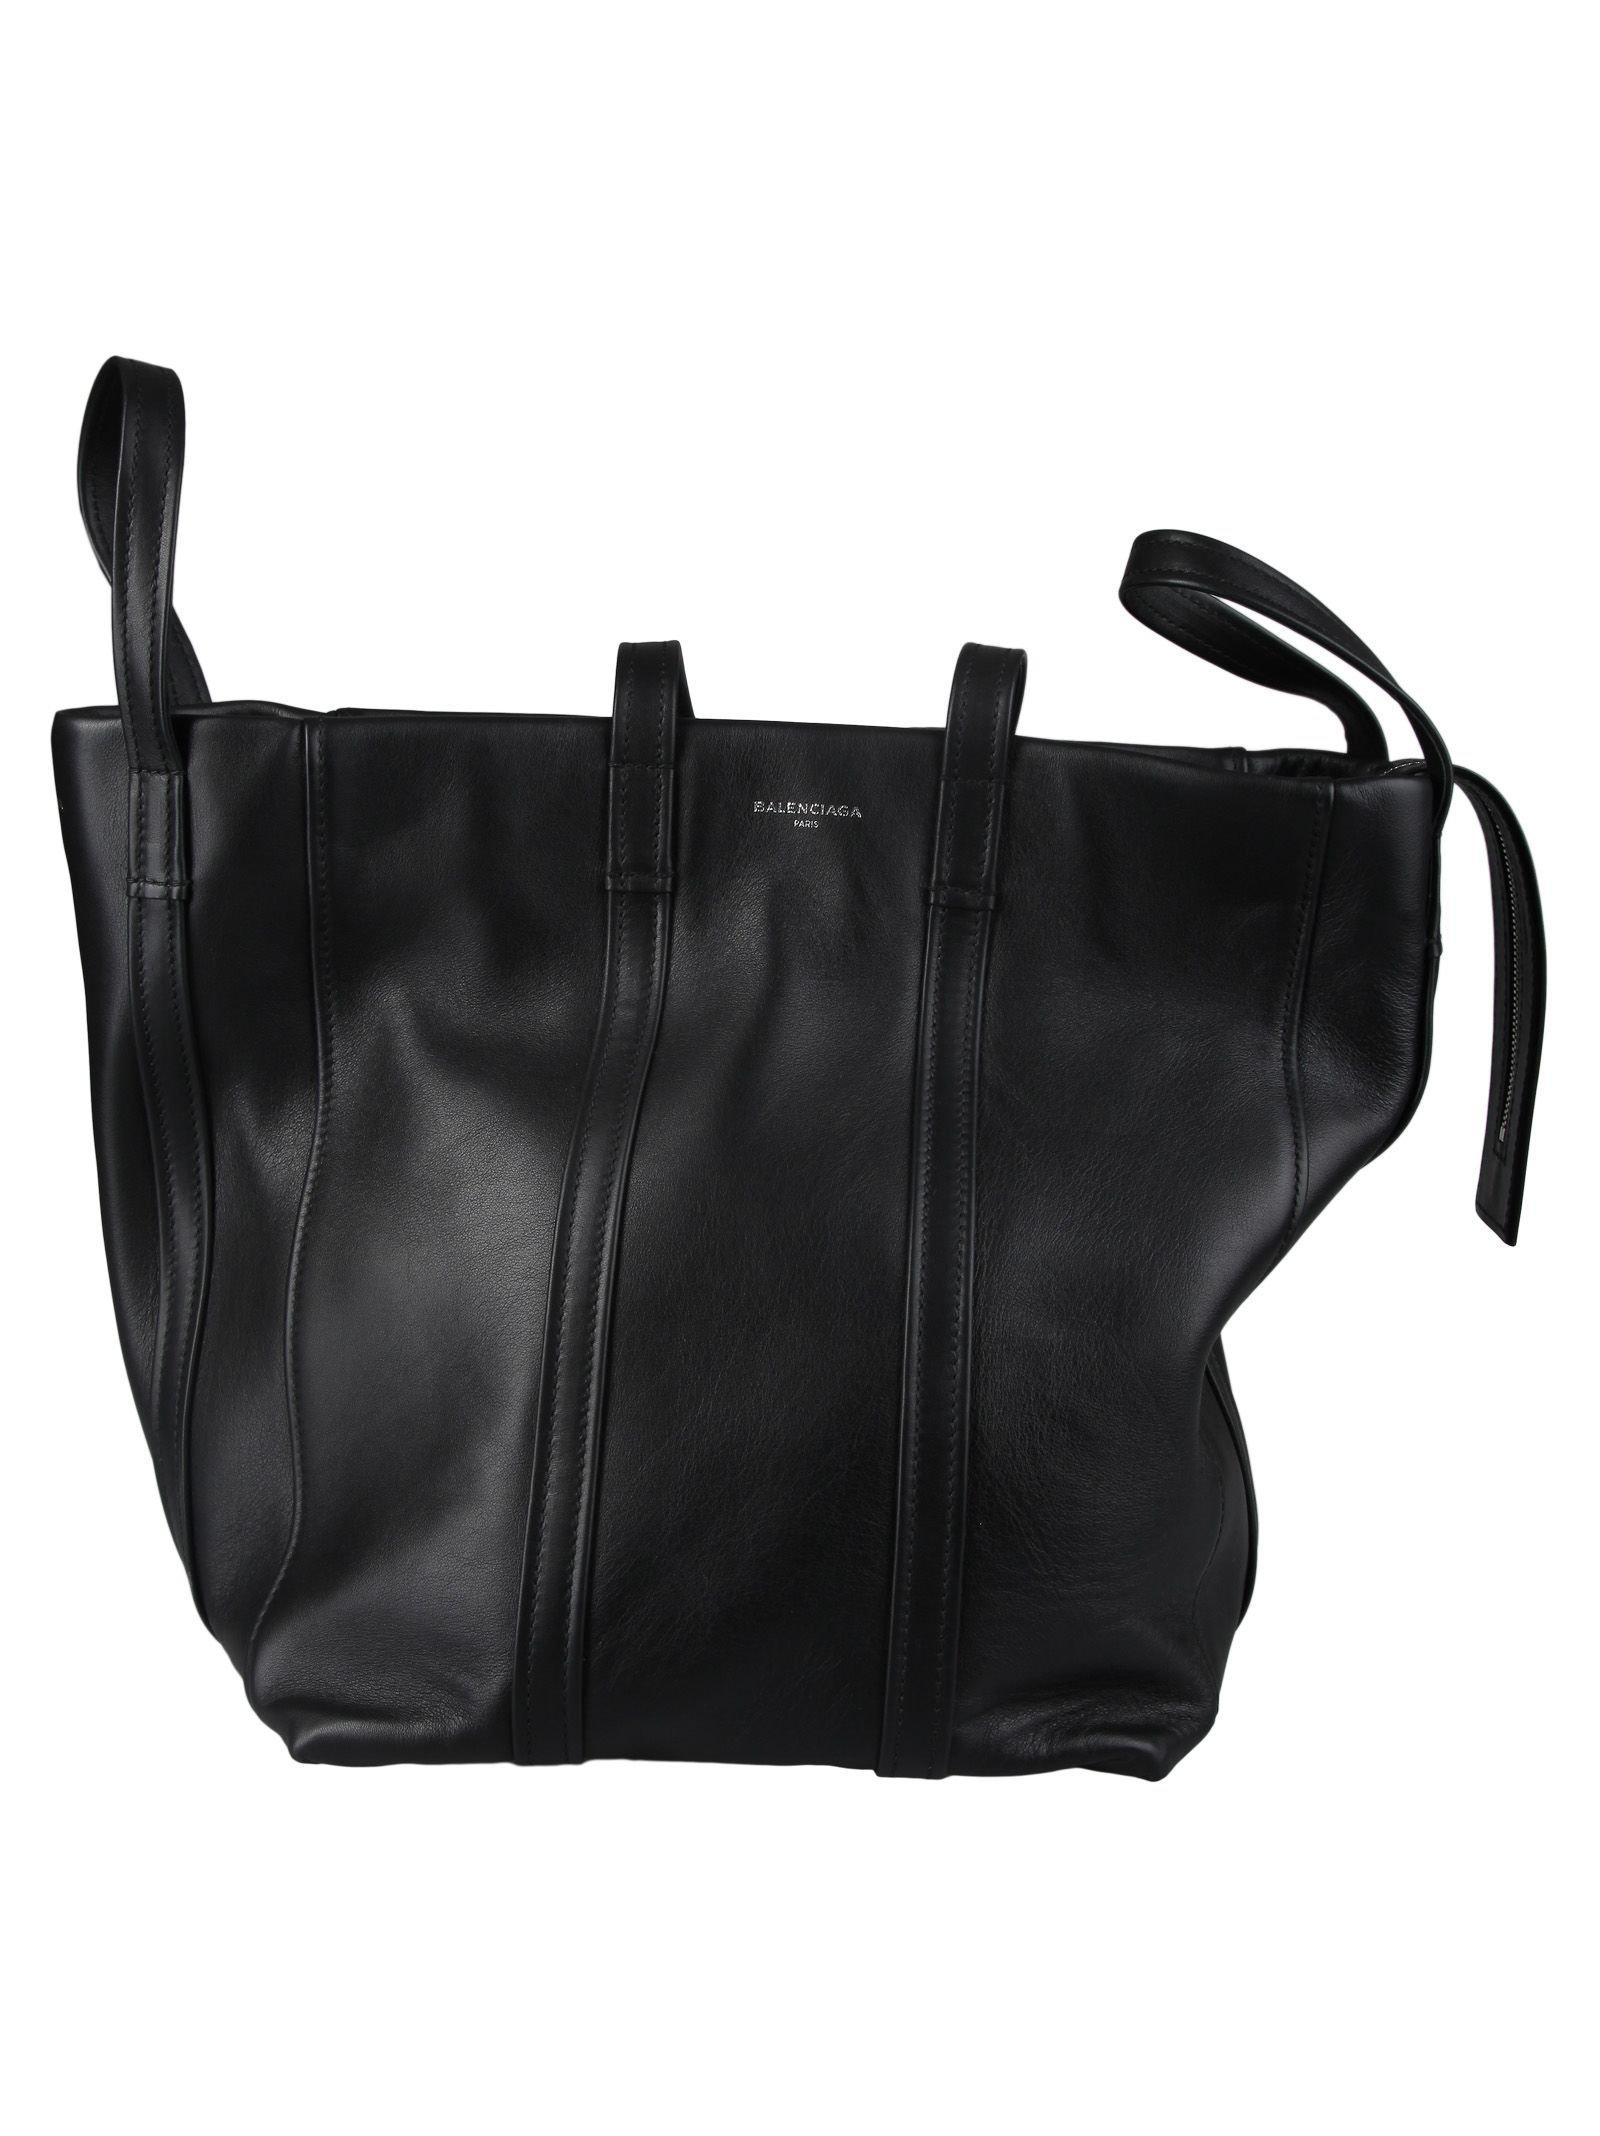 Balenciaga Vintage Shopper Bag